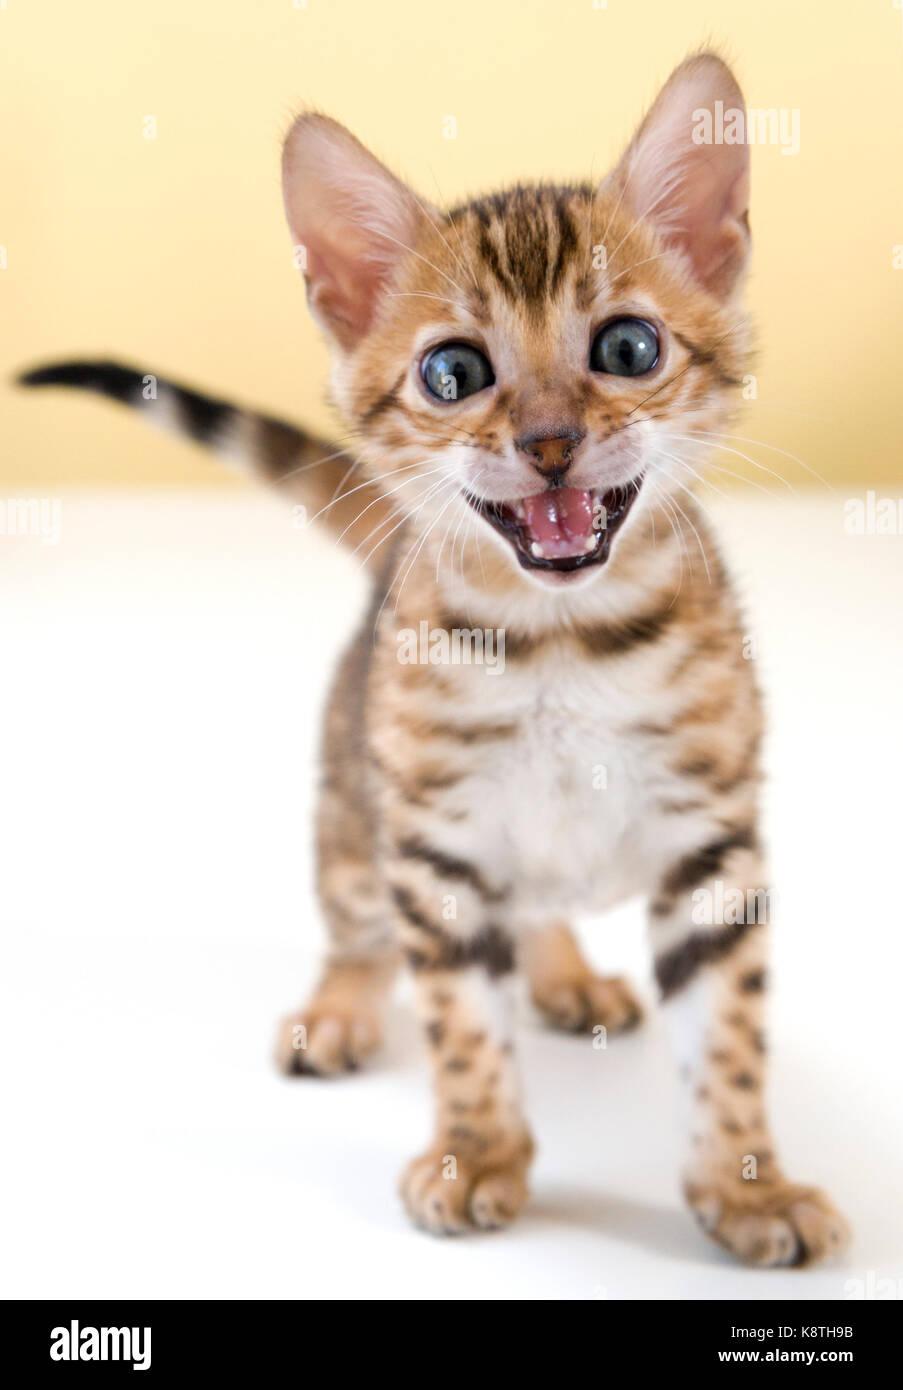 Los jóvenes Bengala gato kitten maullido gritando mirando directamente a la cámara Imagen De Stock